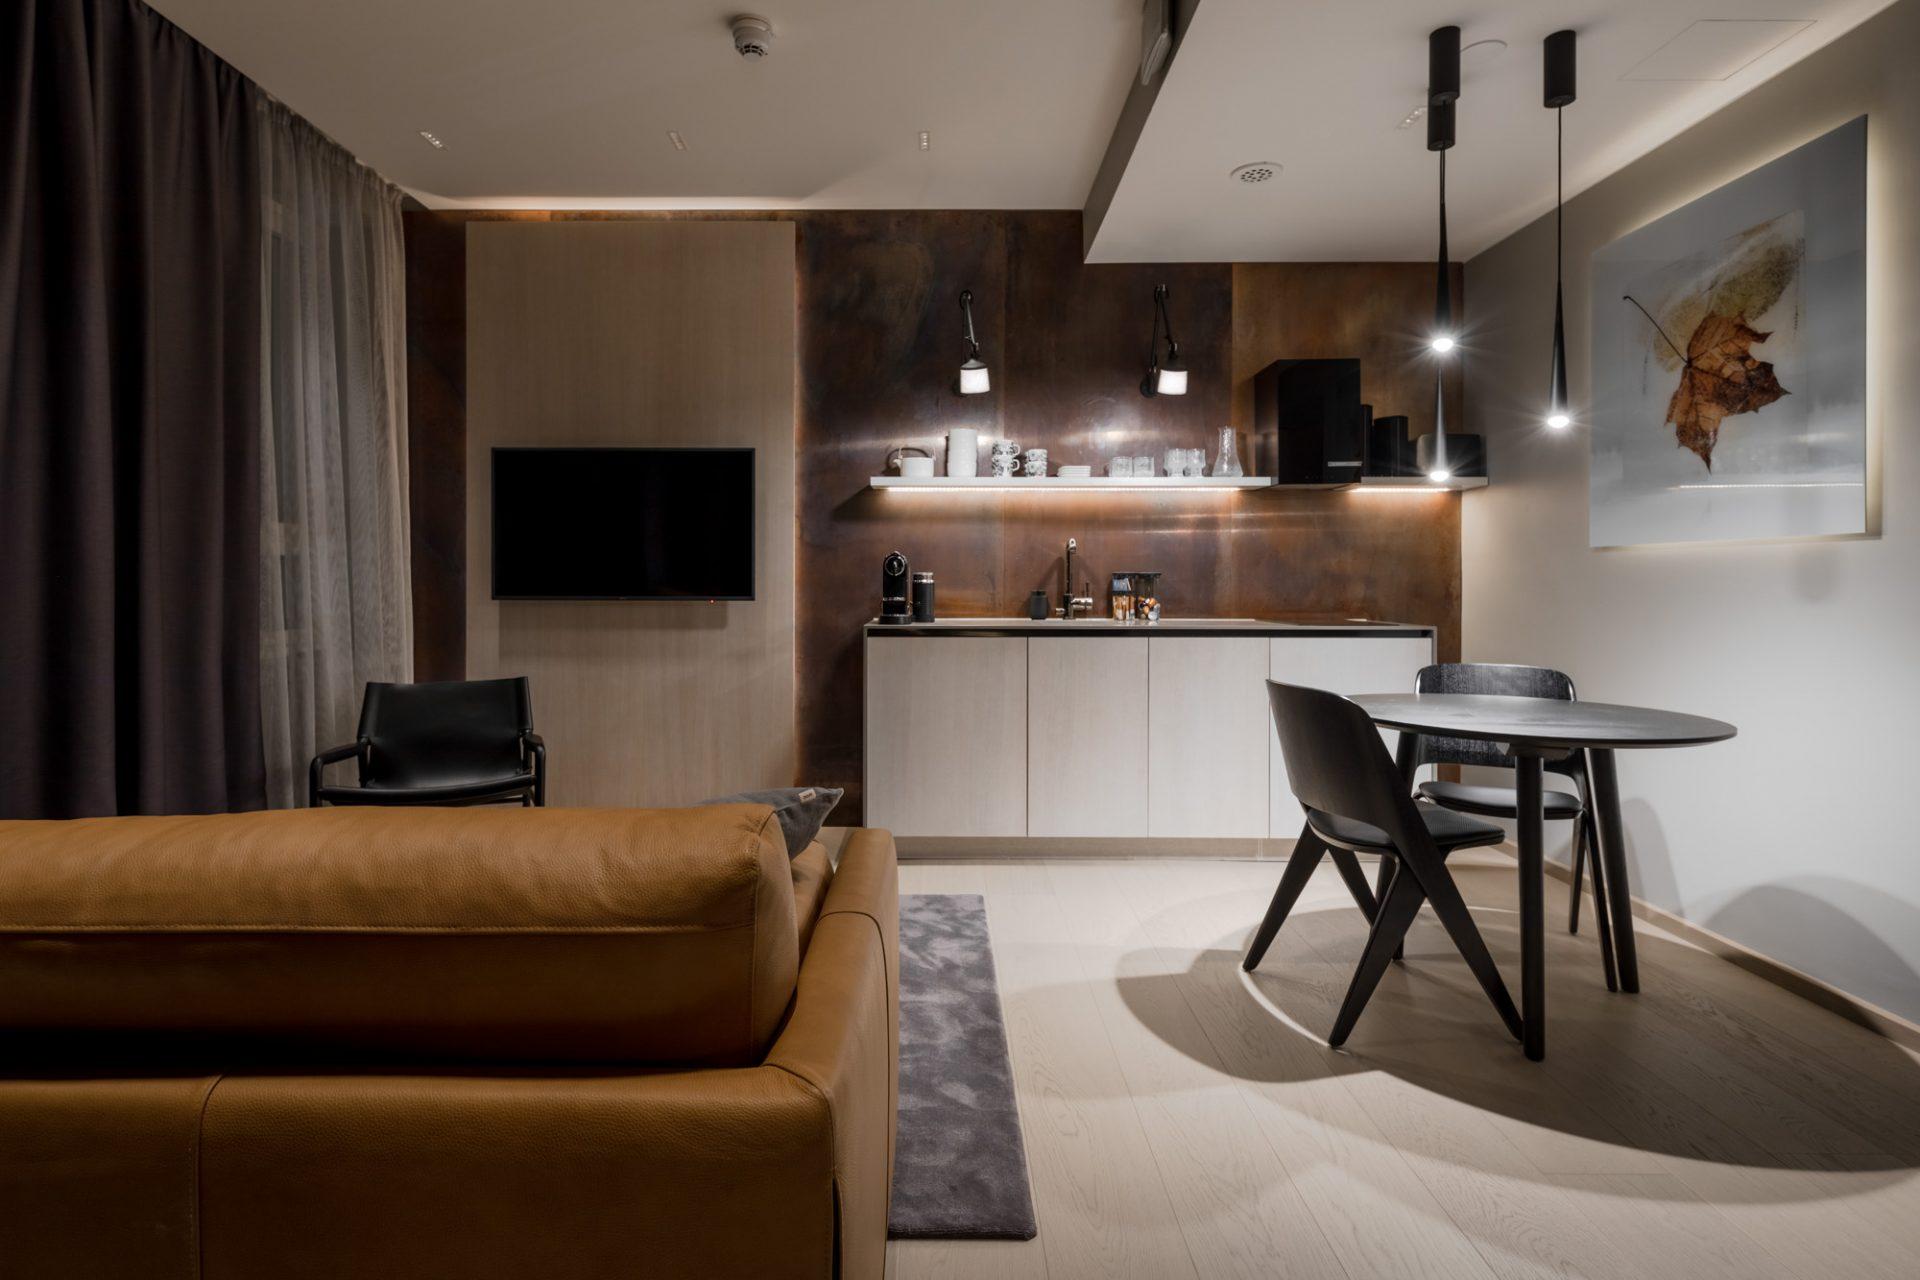 Ruska-huone koostuu Lapin ruskan kauniista väreistä.